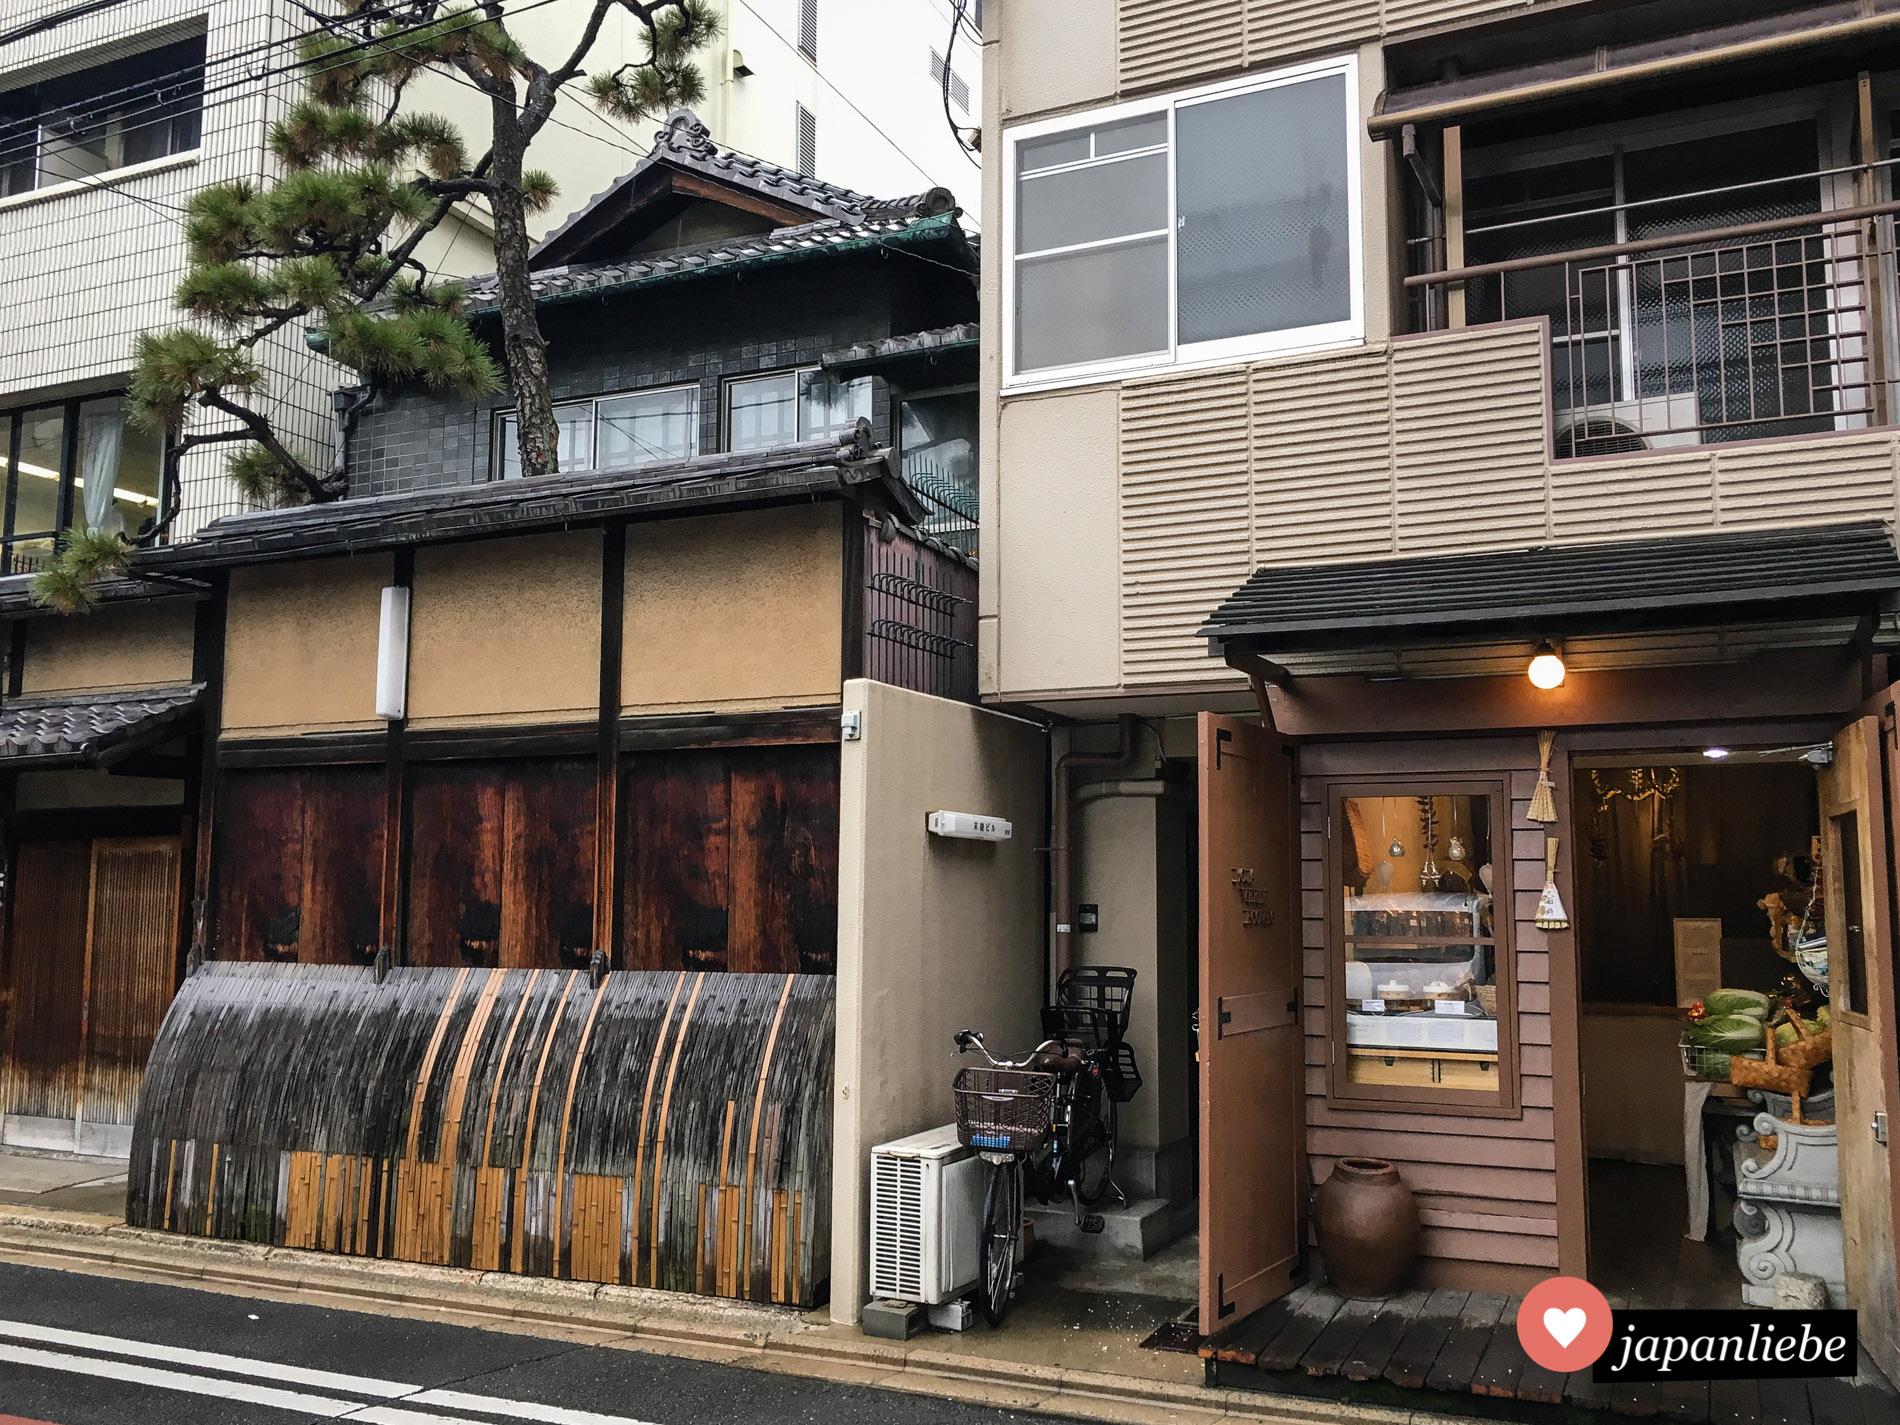 Traditionelle neben moderner Architektur ist in Kyōto keine Seltenheit.